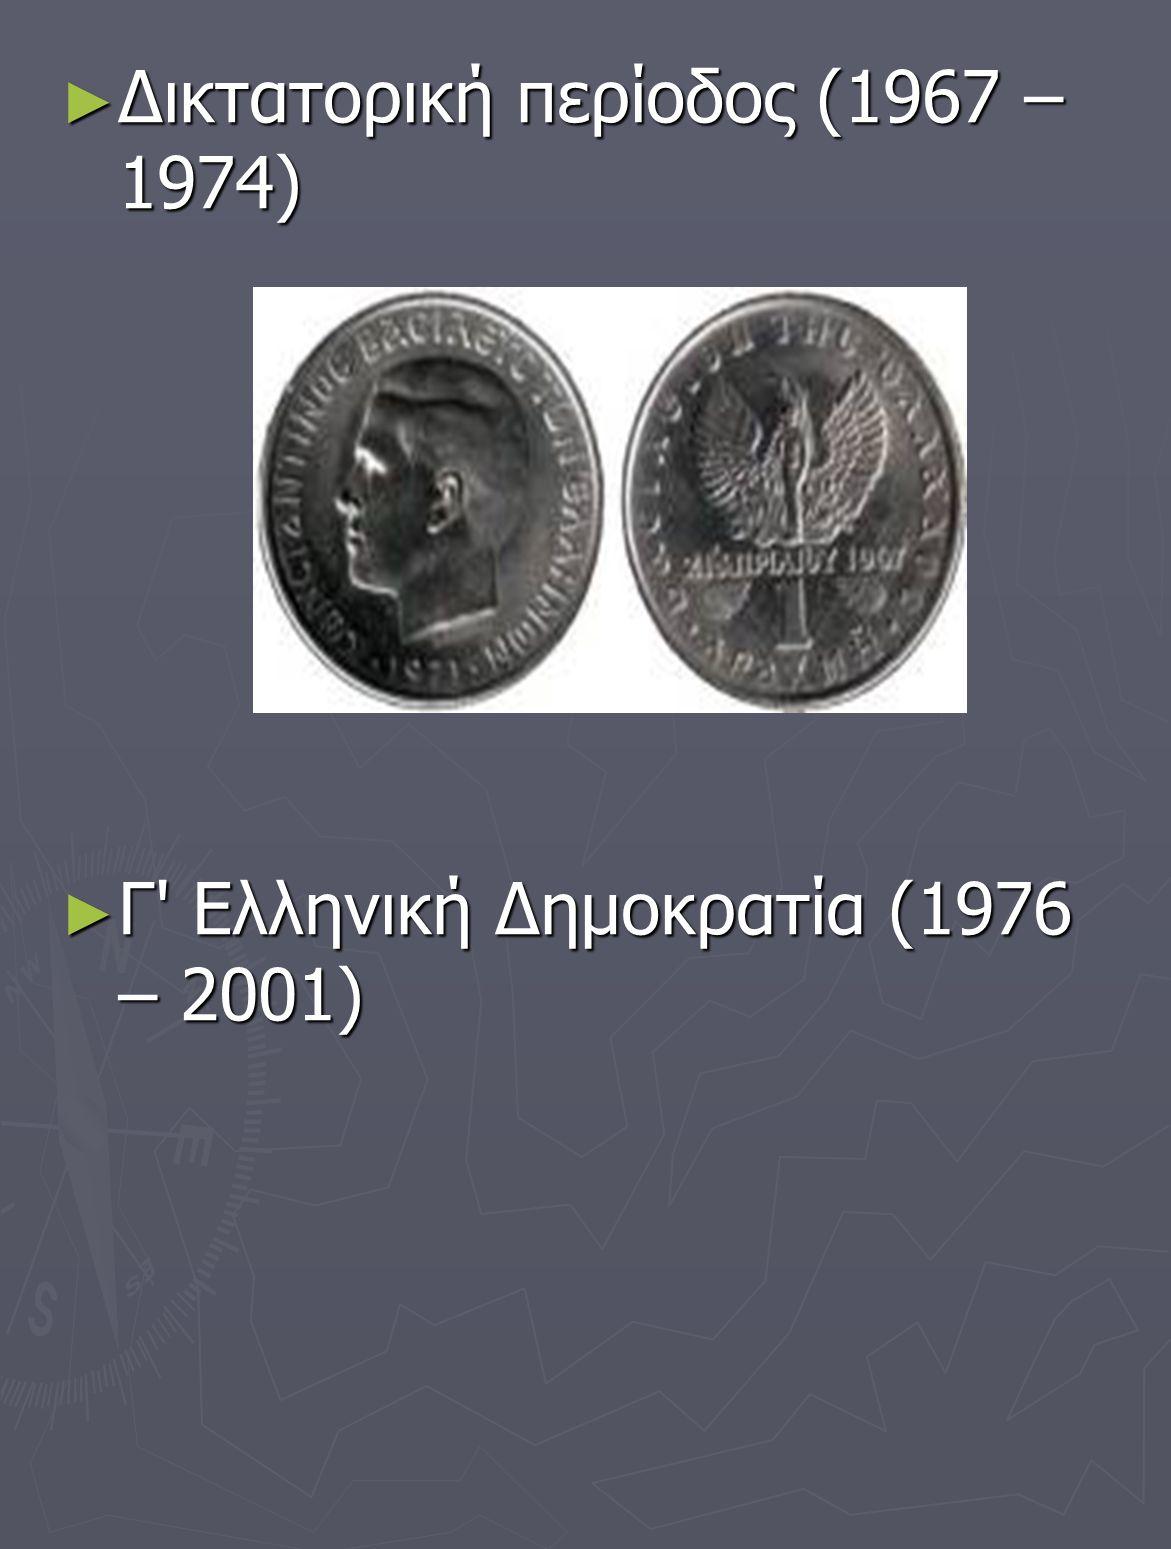 Δικτατορική περίοδος (1967 – 1974)